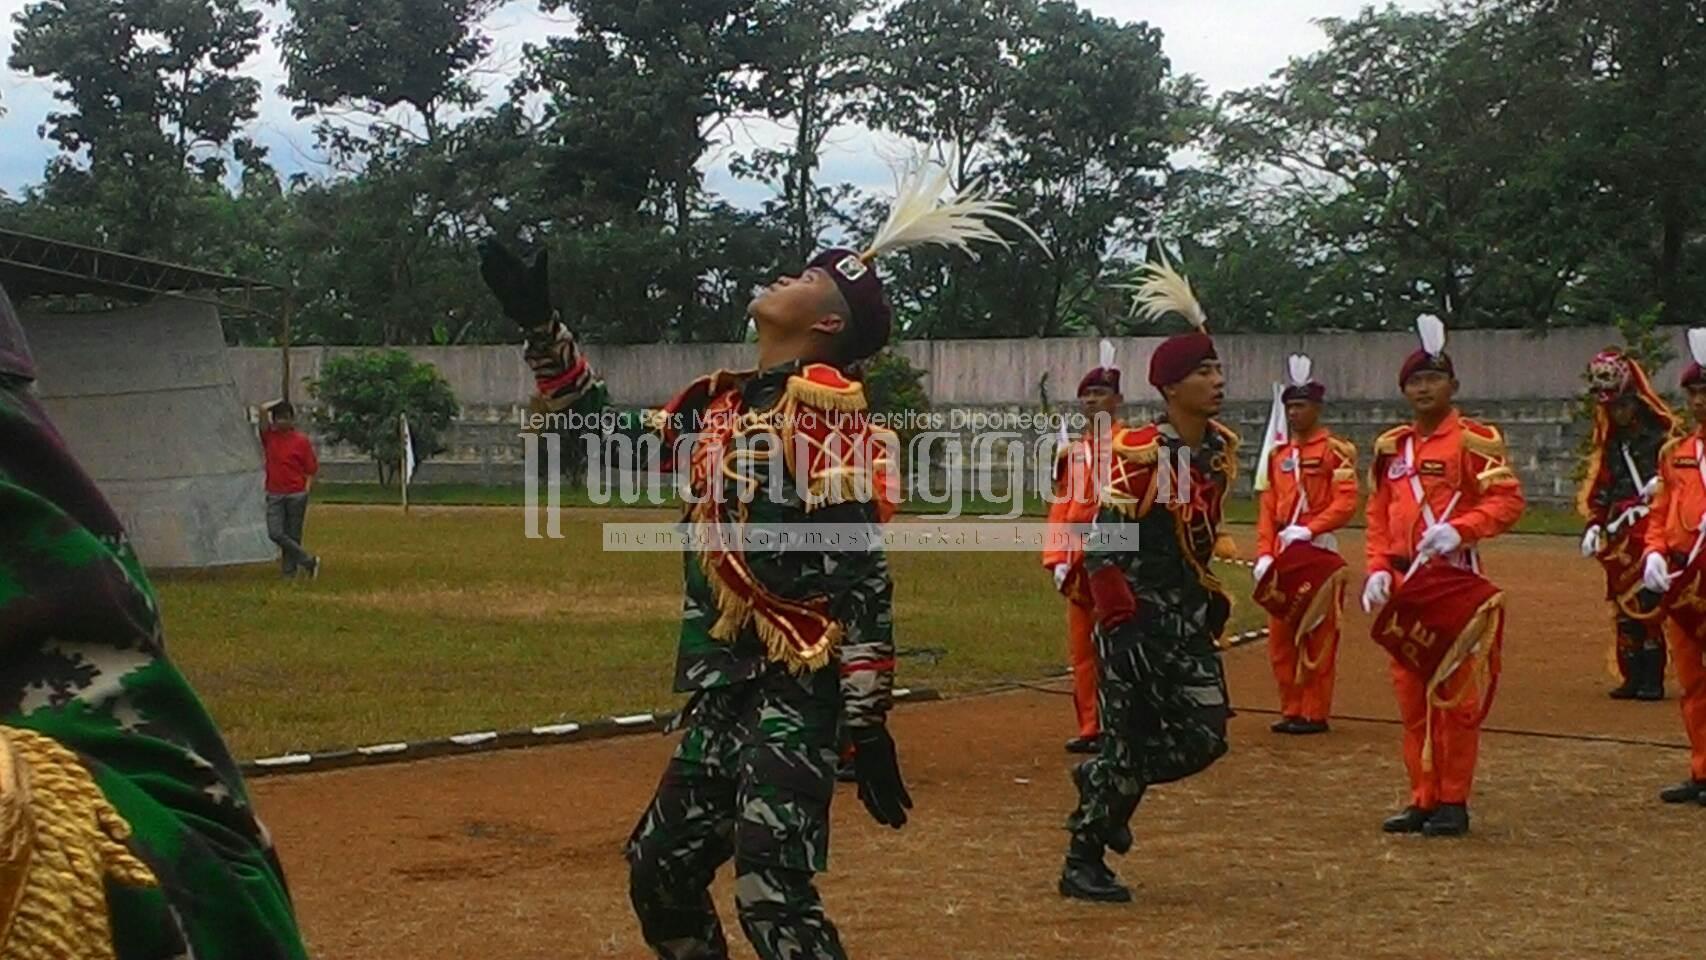 Atraksi mayoret TNI AD dalam acara puncak Orientasi Diponegoro Muda (ODM) di Stadion Utama Undip, Minggu (14/8)